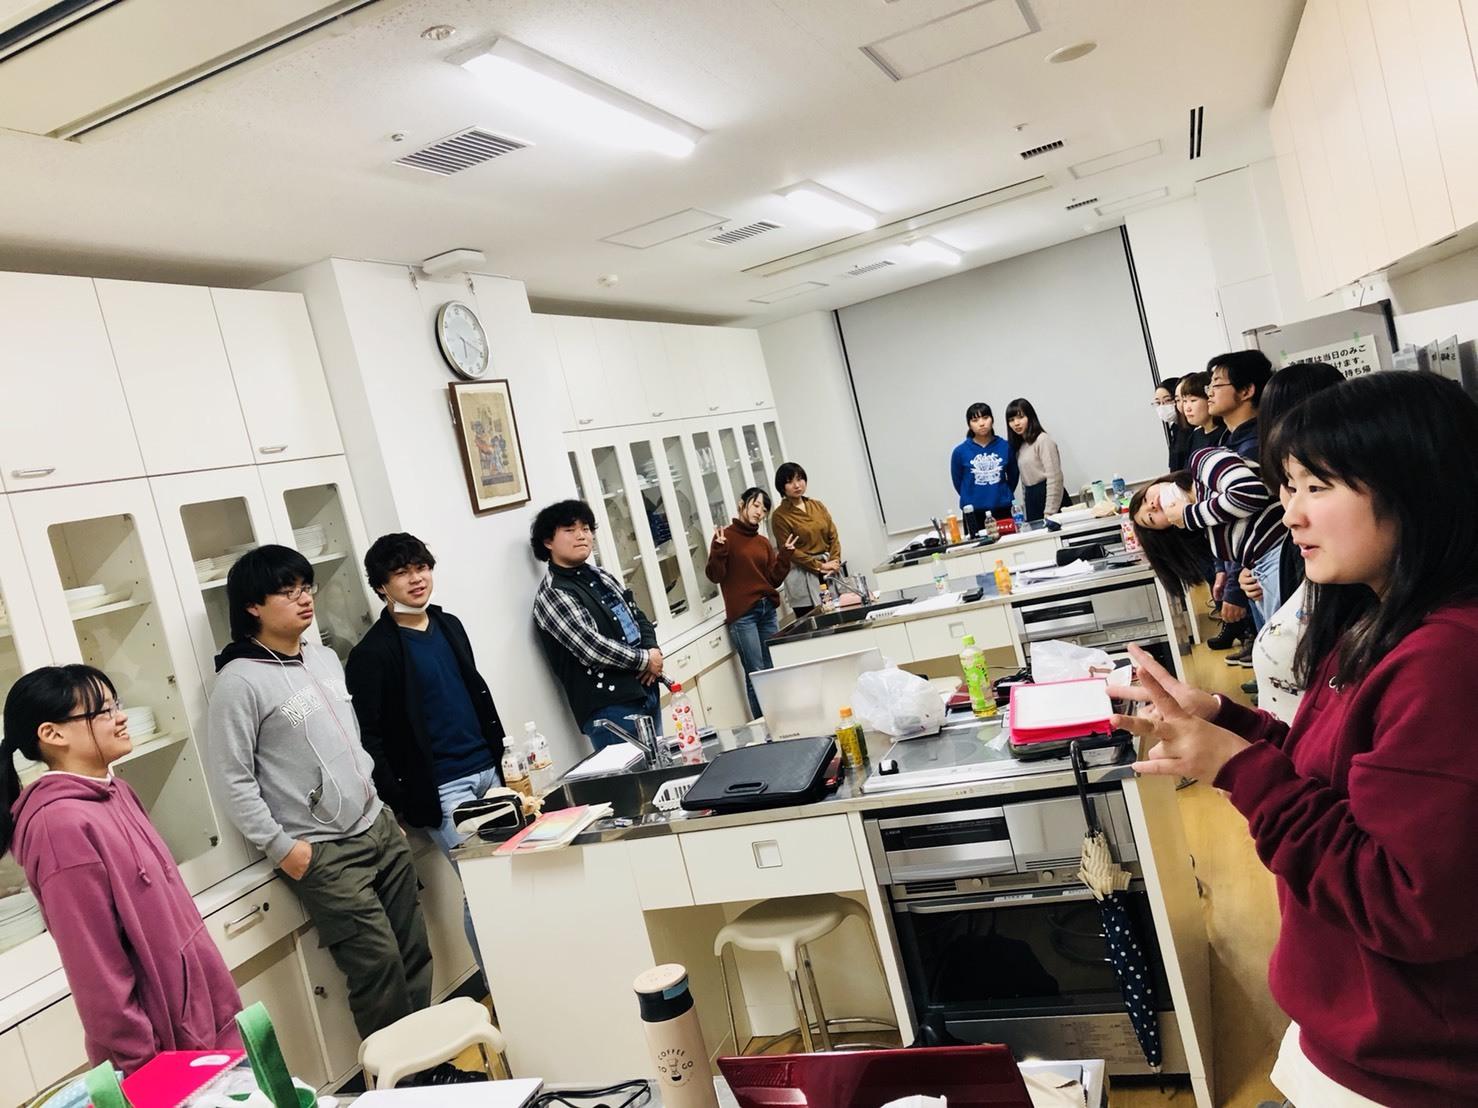 2月6日(水) さーて、料理でもすっかby石川_a0137821_15504843.jpg